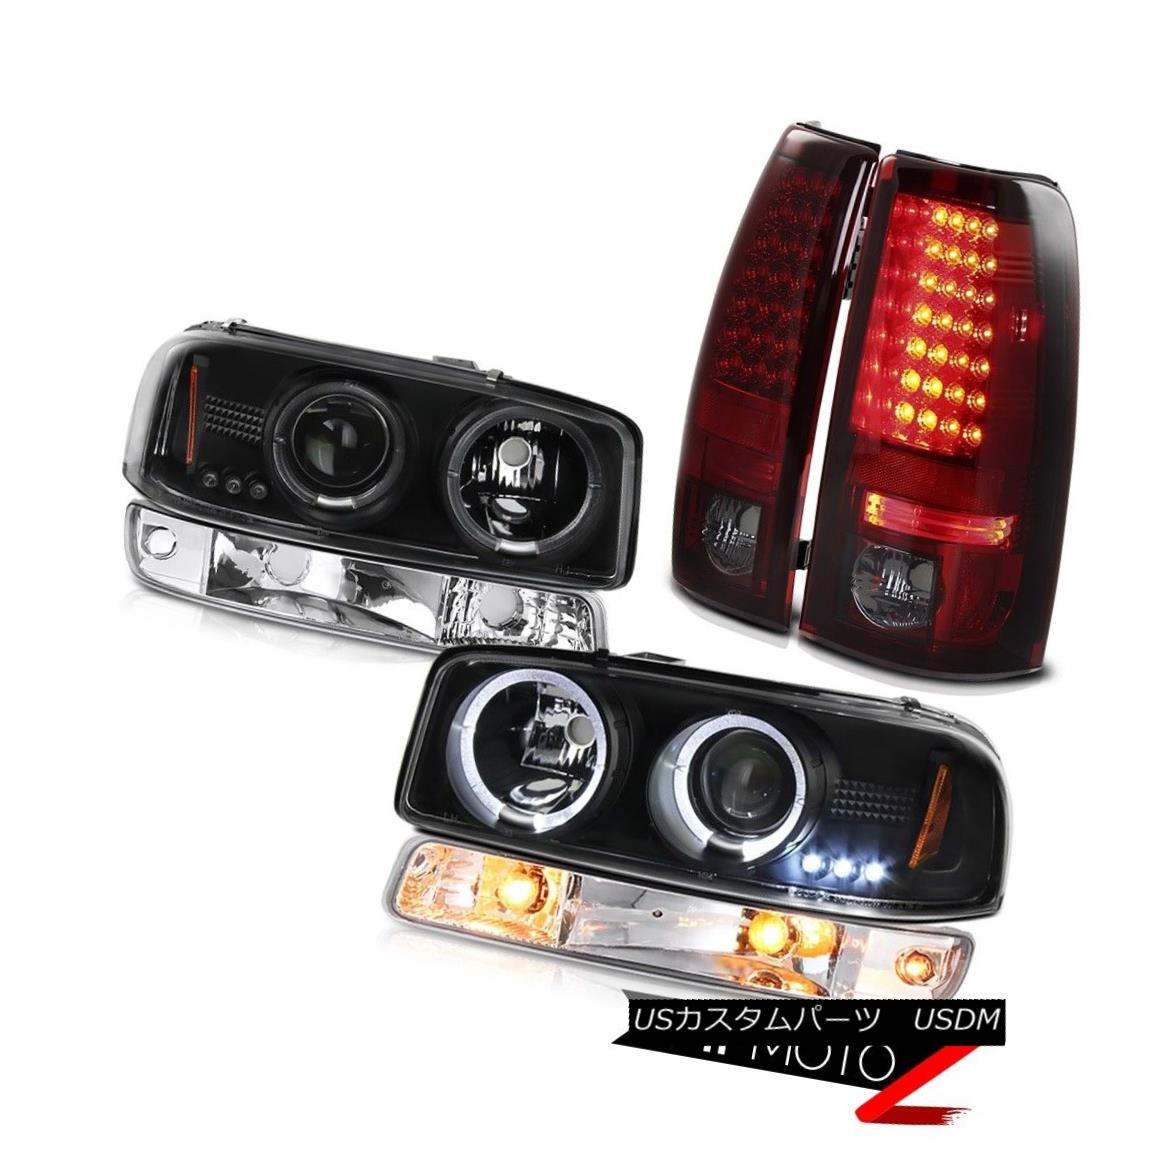 ヘッドライト 99-06 Sierra 6.0L Smoked red tail lamps crystal clear bumper lamp headlamps SMD 99-06シエラ6.0LスモークレッドテールランプクリスタルクリアバンパーランプヘッドランプSMD